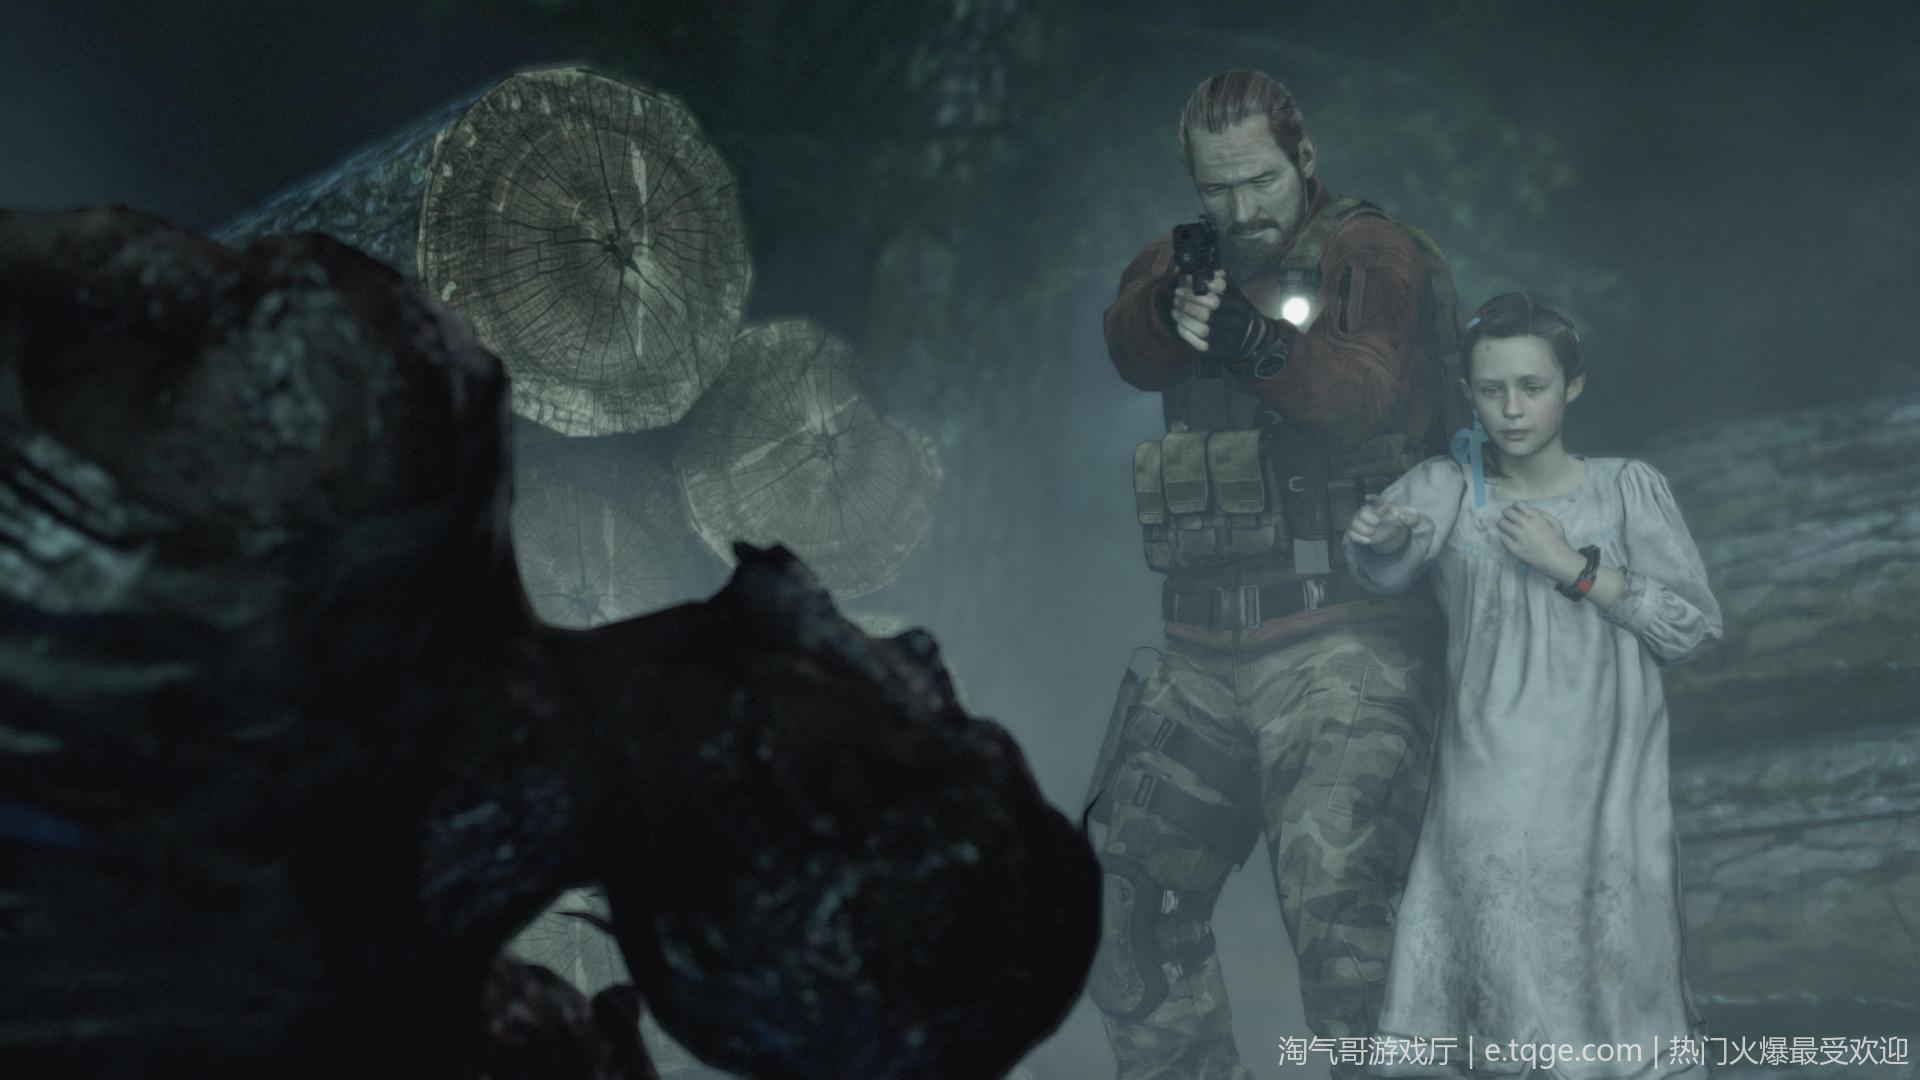 生化危机:启示录2 射击游戏 第4张